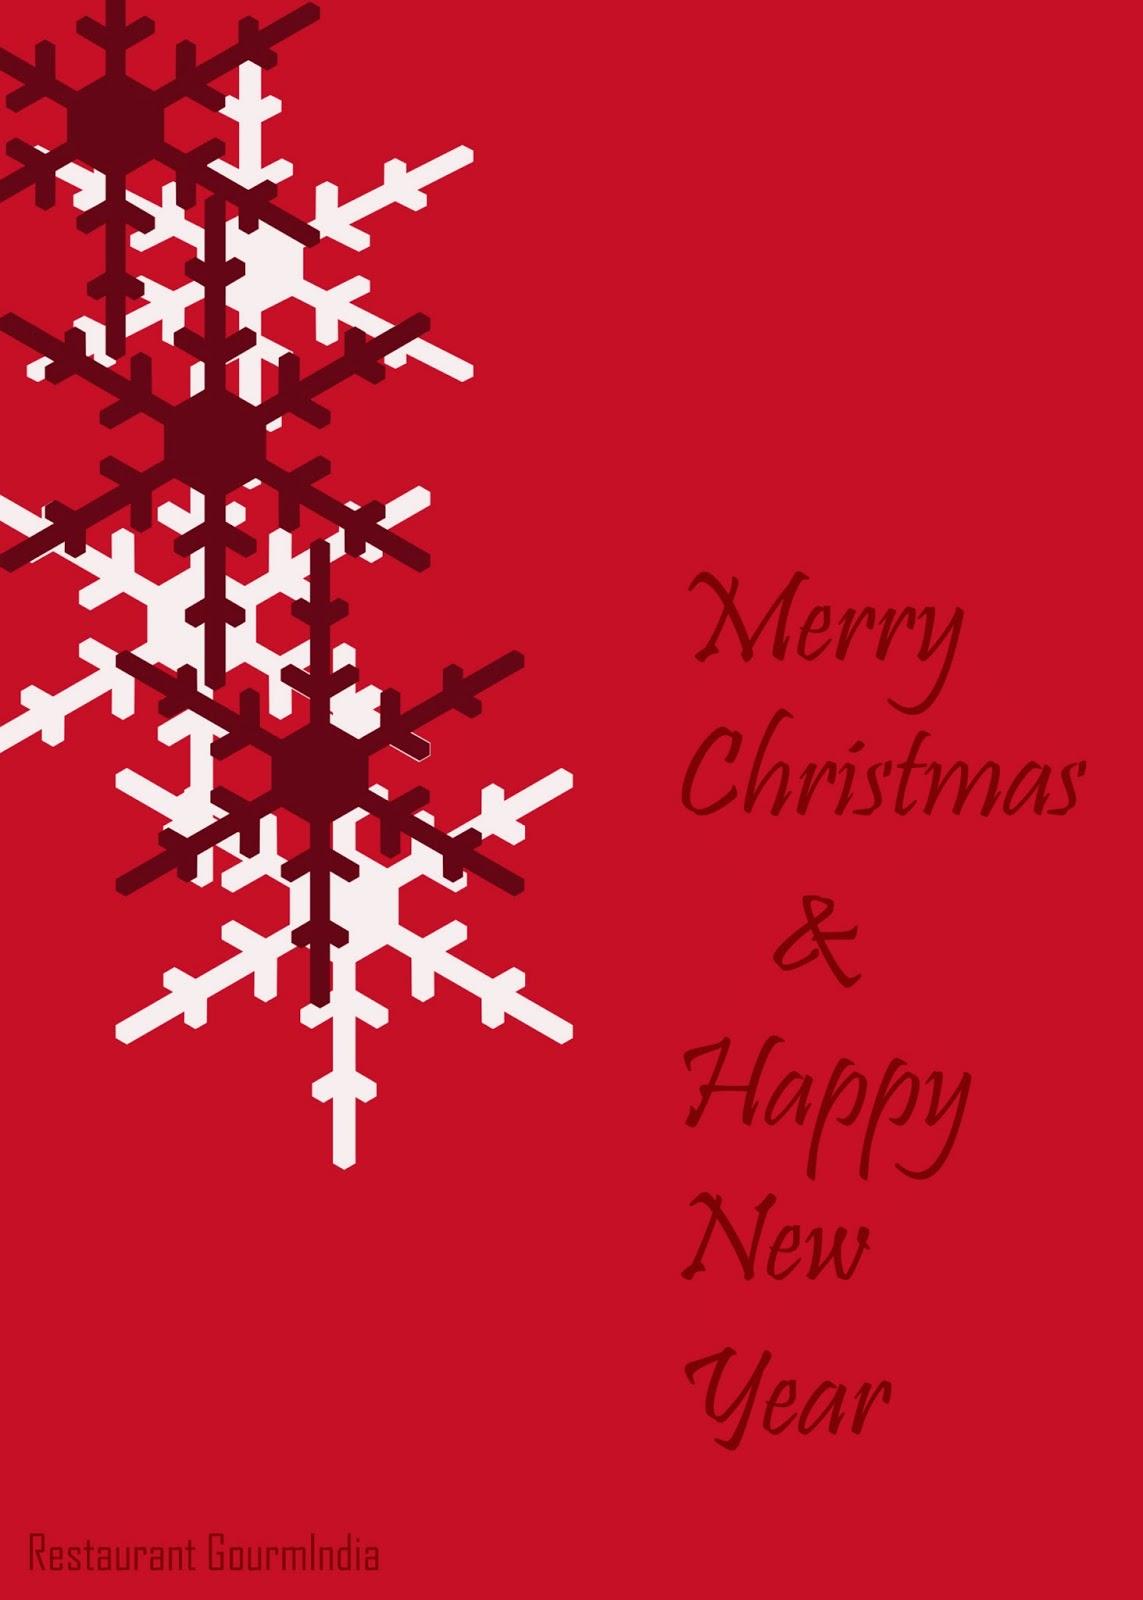 Gourmindia Luzern Gourmindia Wishes You A Merry Christmas Happy Birthday And Merry Wishes